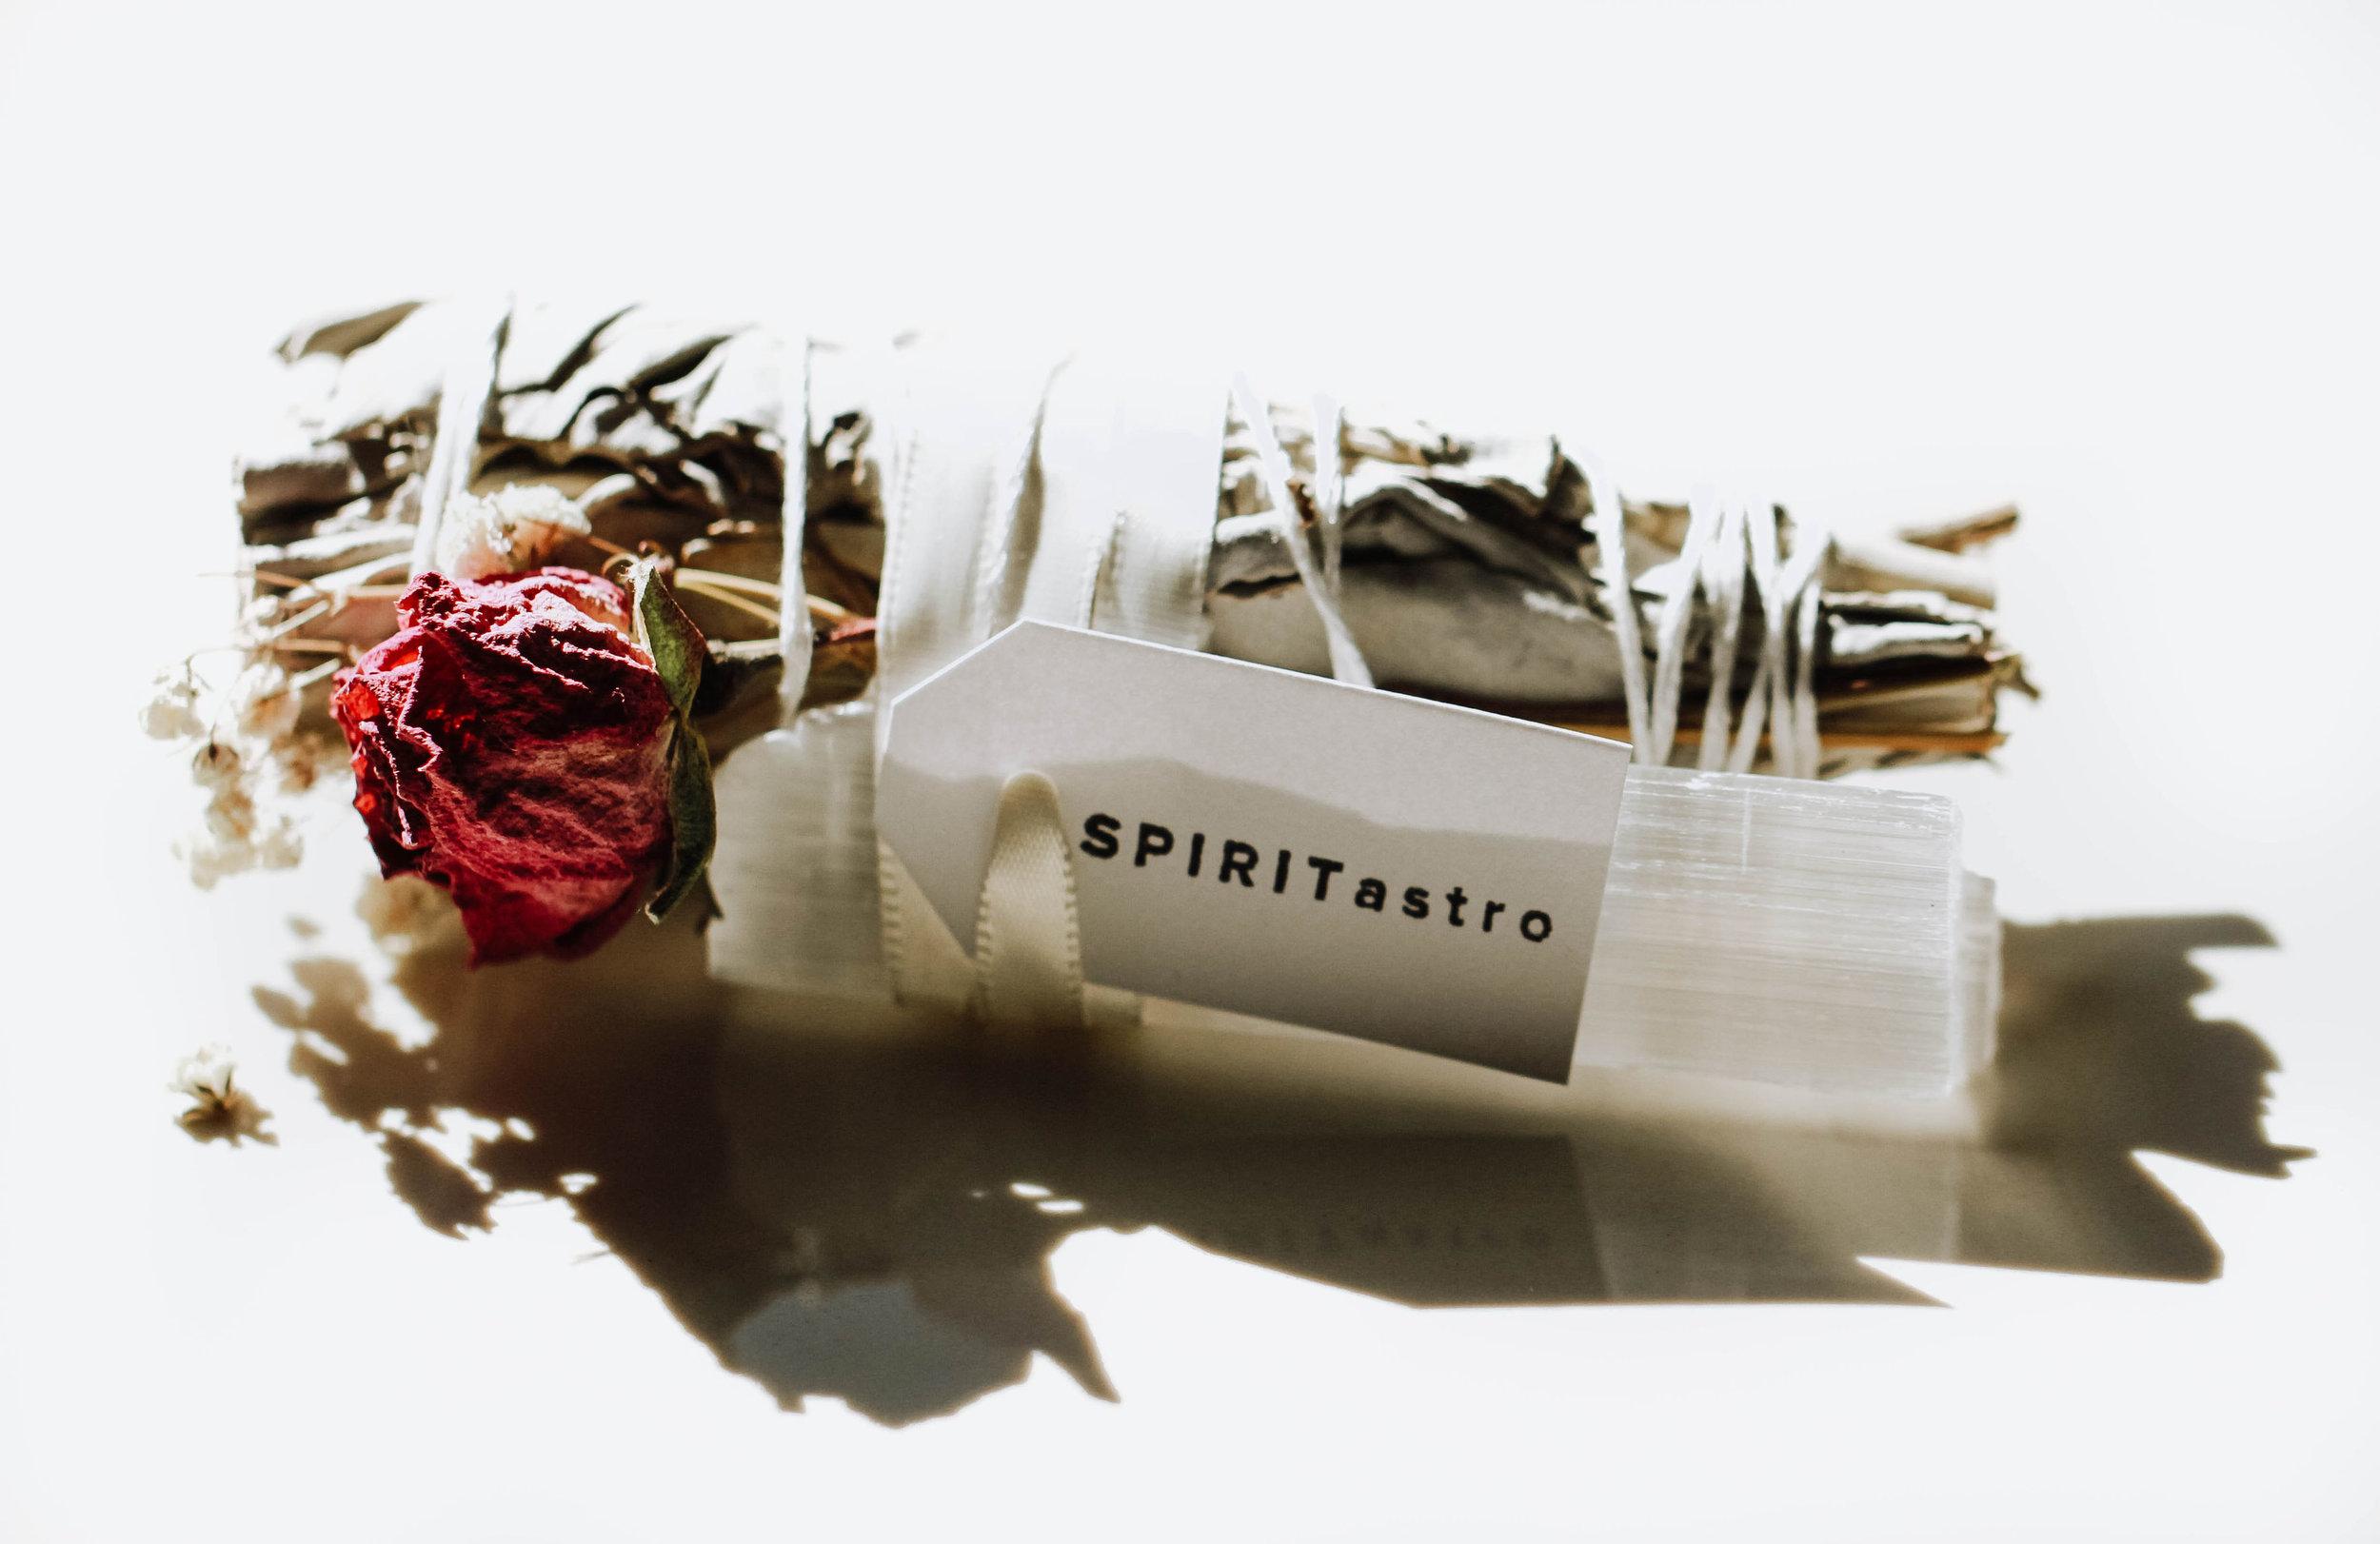 spiritastro15(2of6).jpg